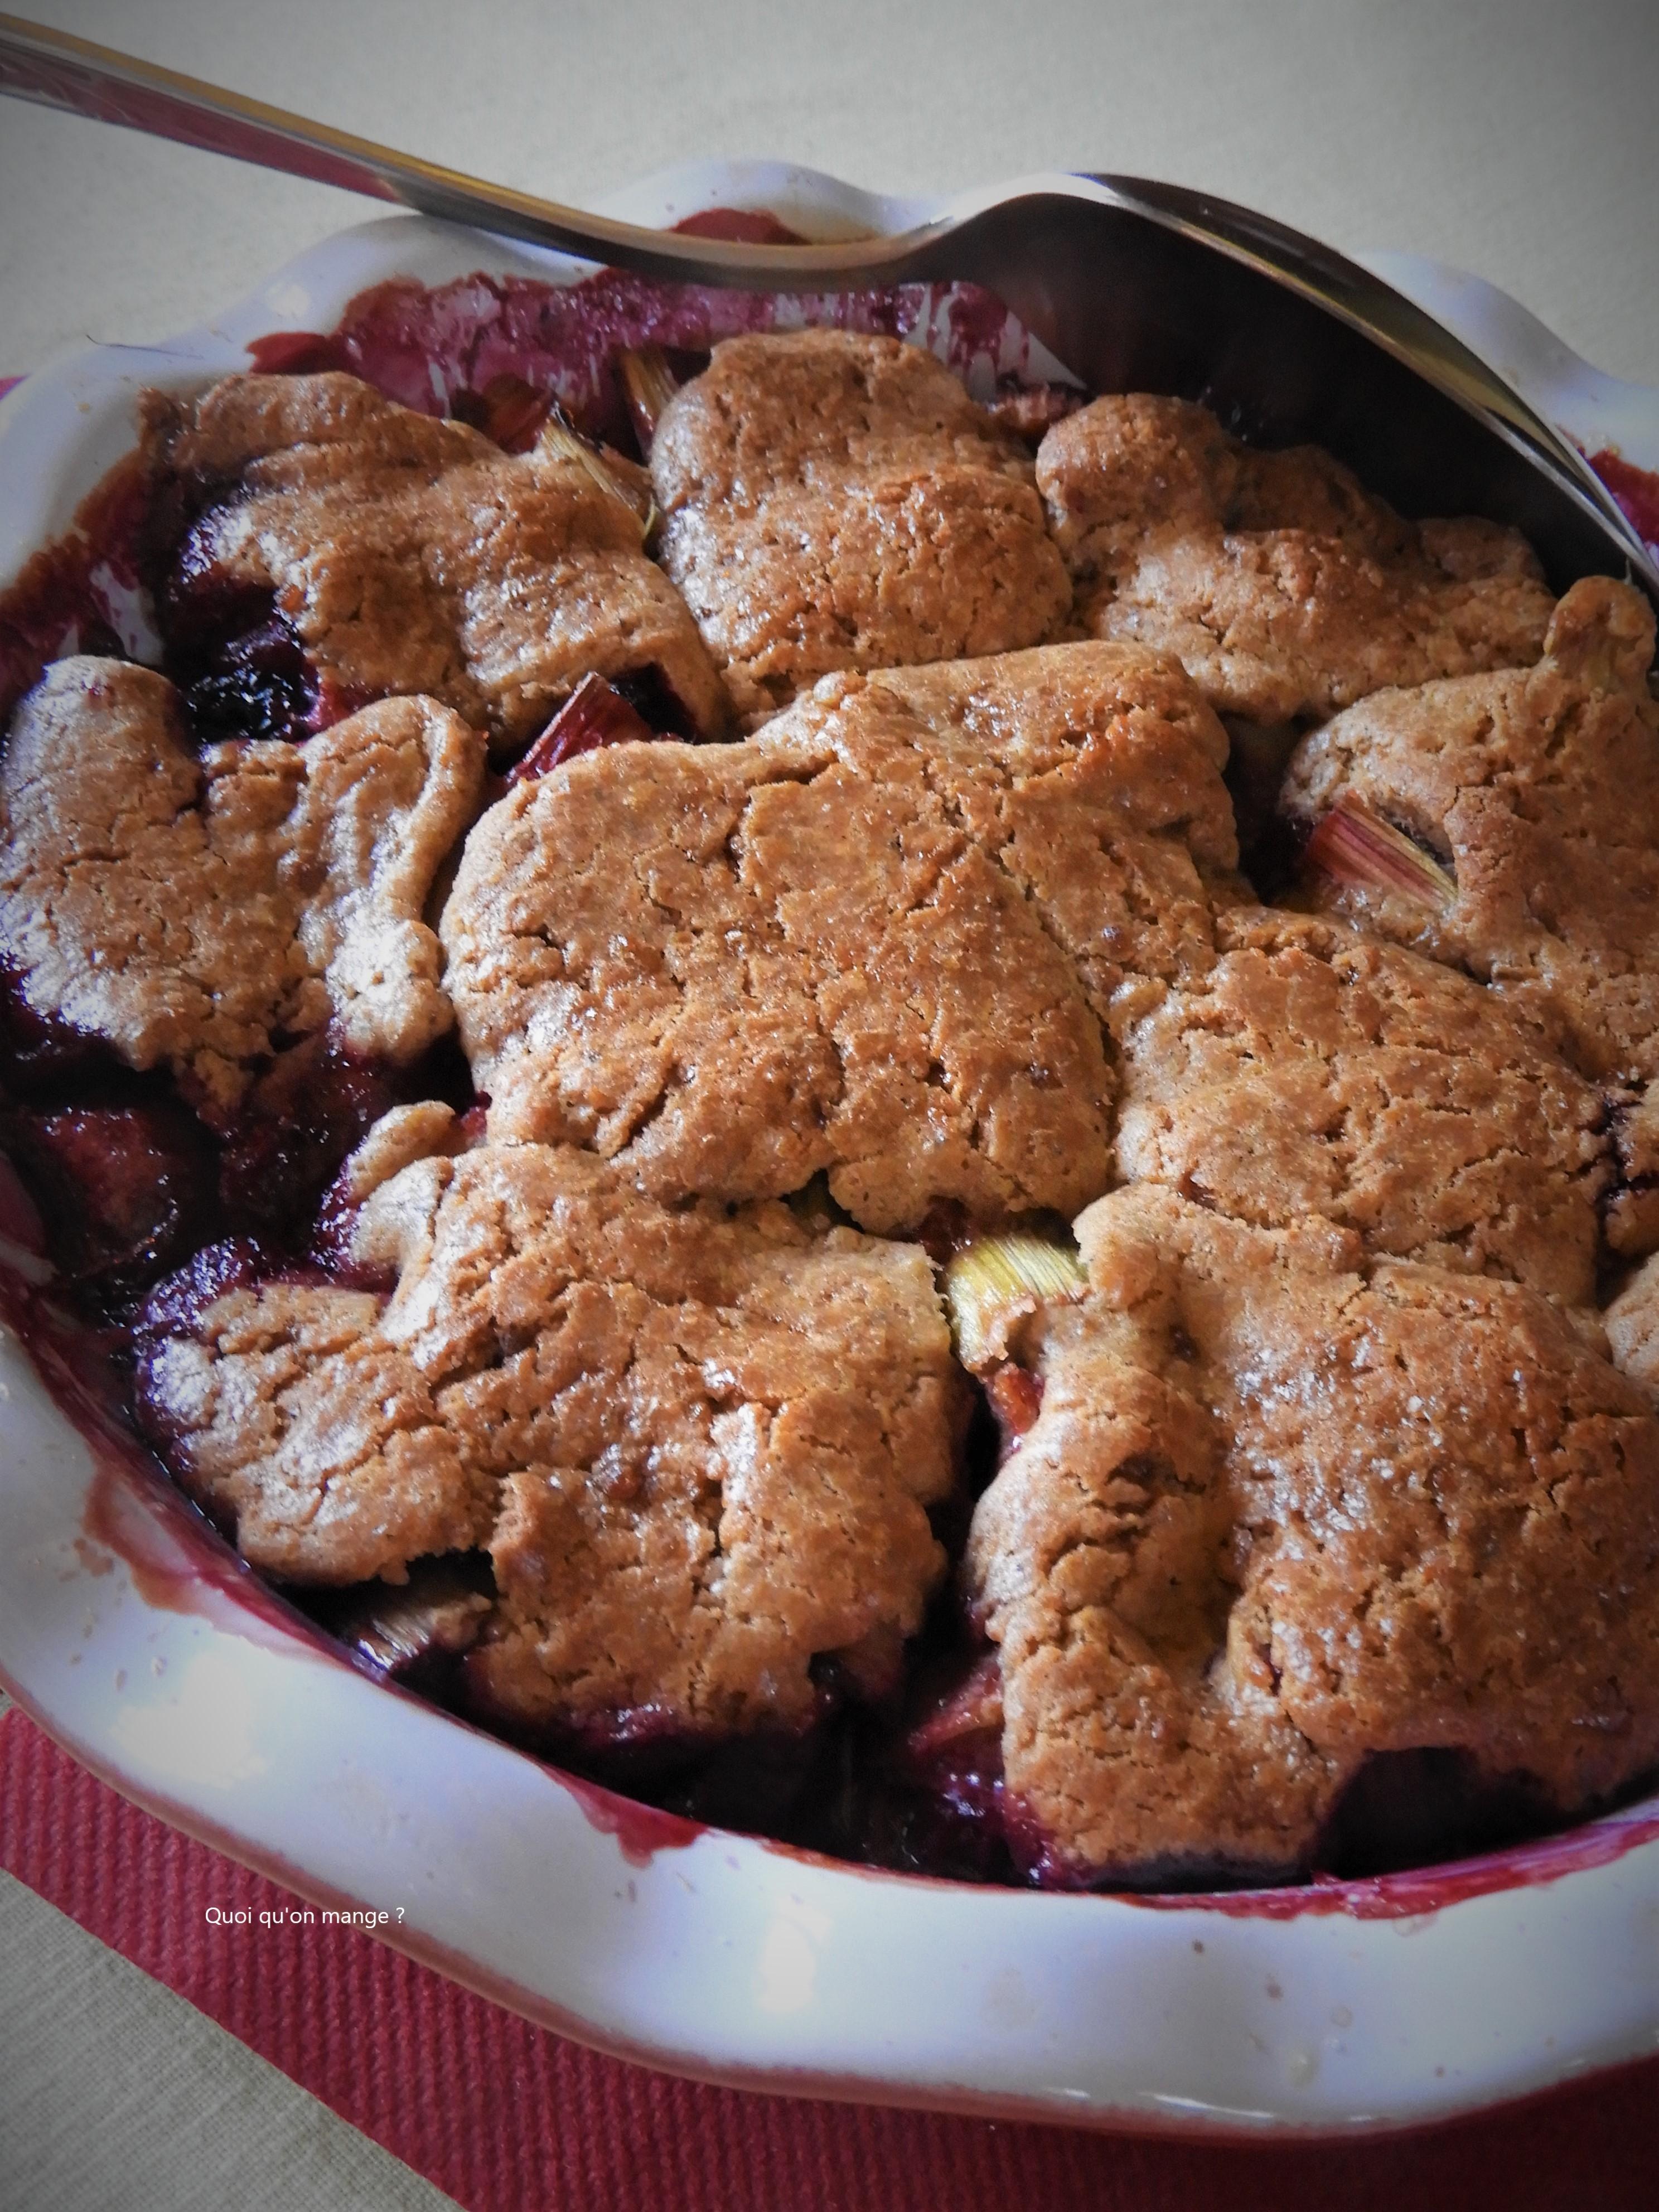 Gâteau rustique rhubarbe et cassis, comme un pandowdy